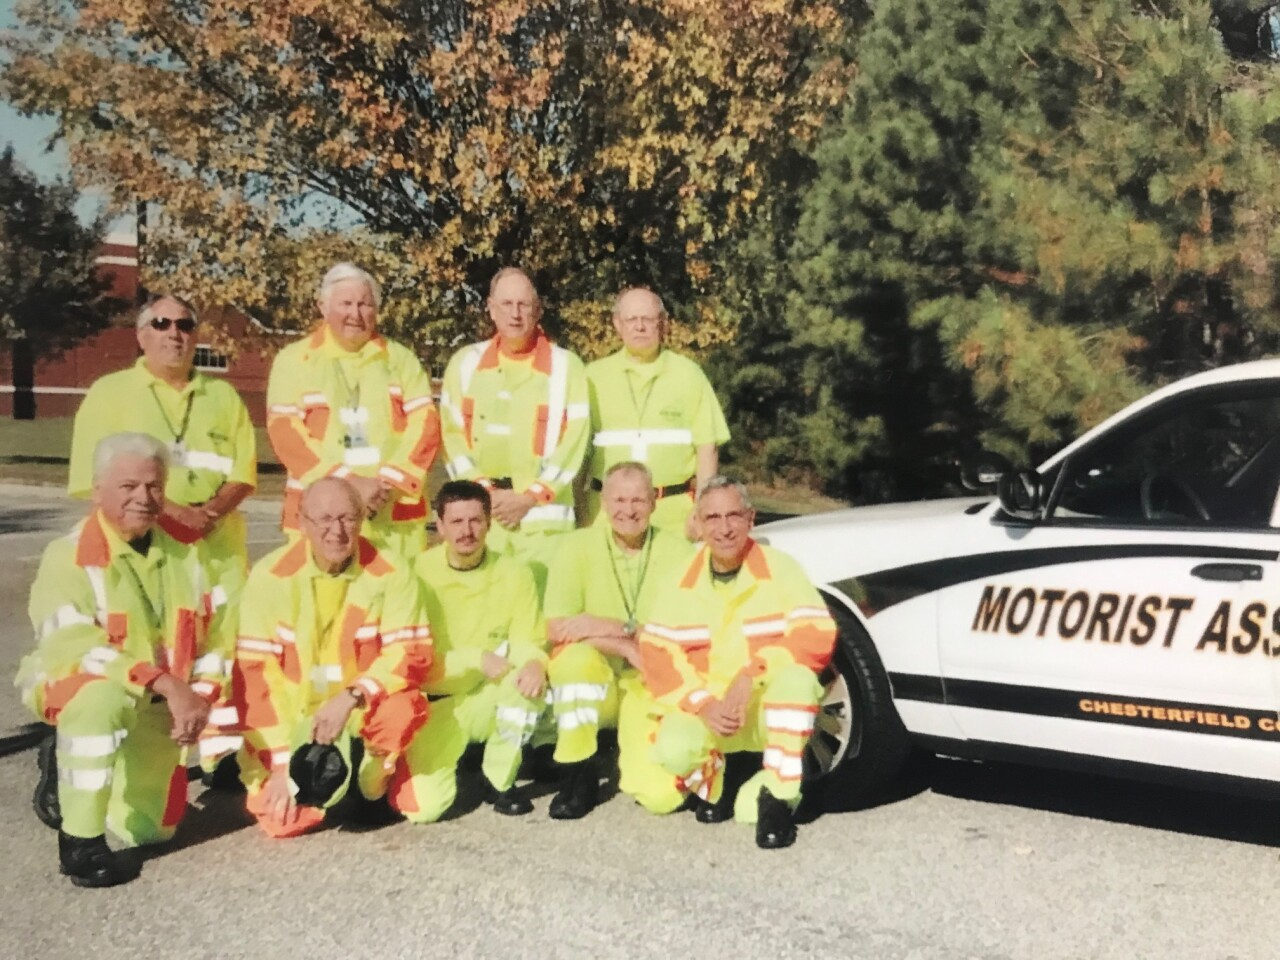 Heroes Motorist Assist Volunteer